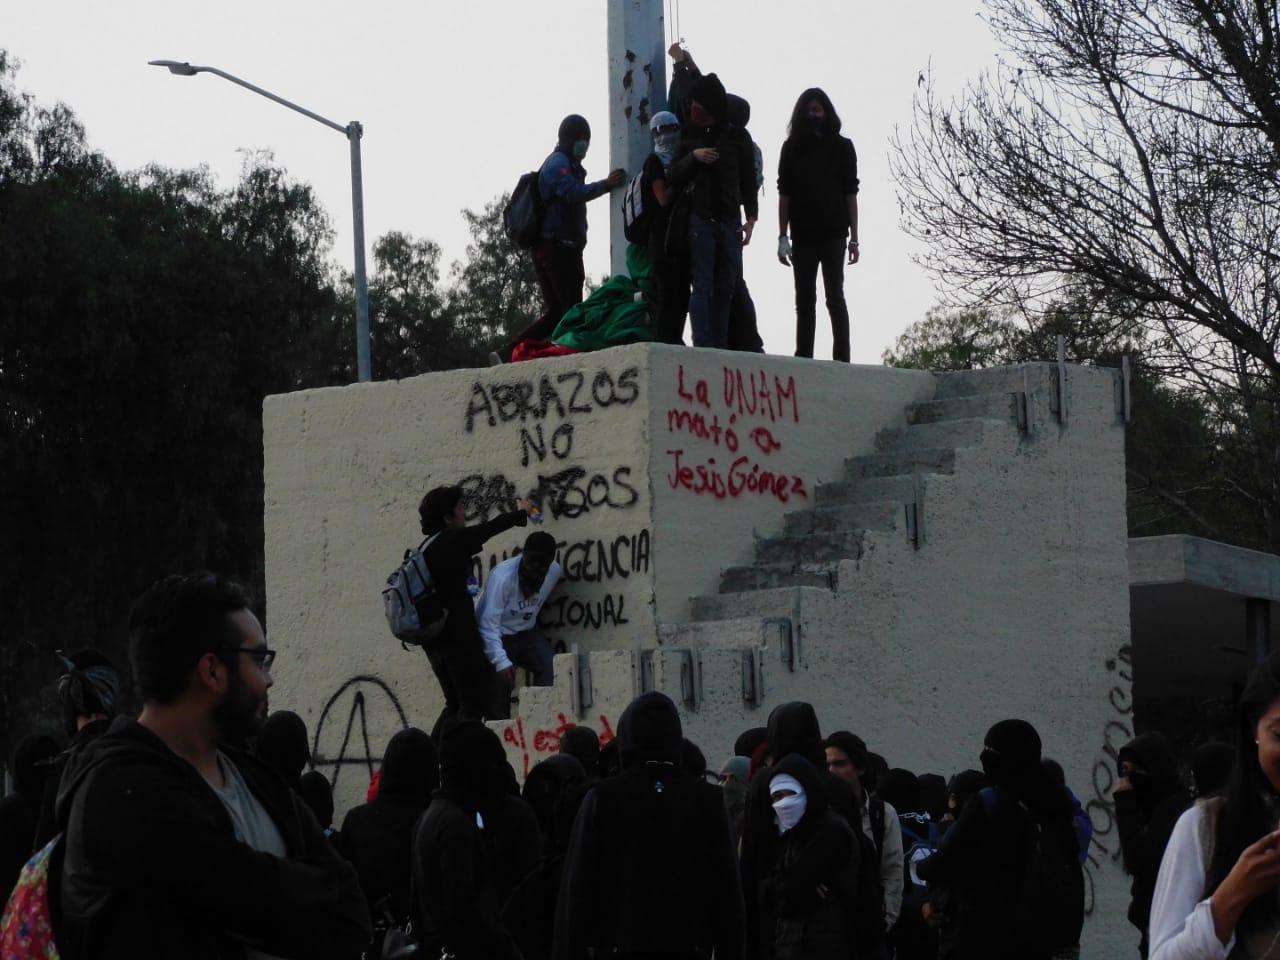 VIDEO: REPORTAN PINTAS EN RECTORÍA DE LA UNAM TRAS ENTREGAR PLIEGO PETITORIO